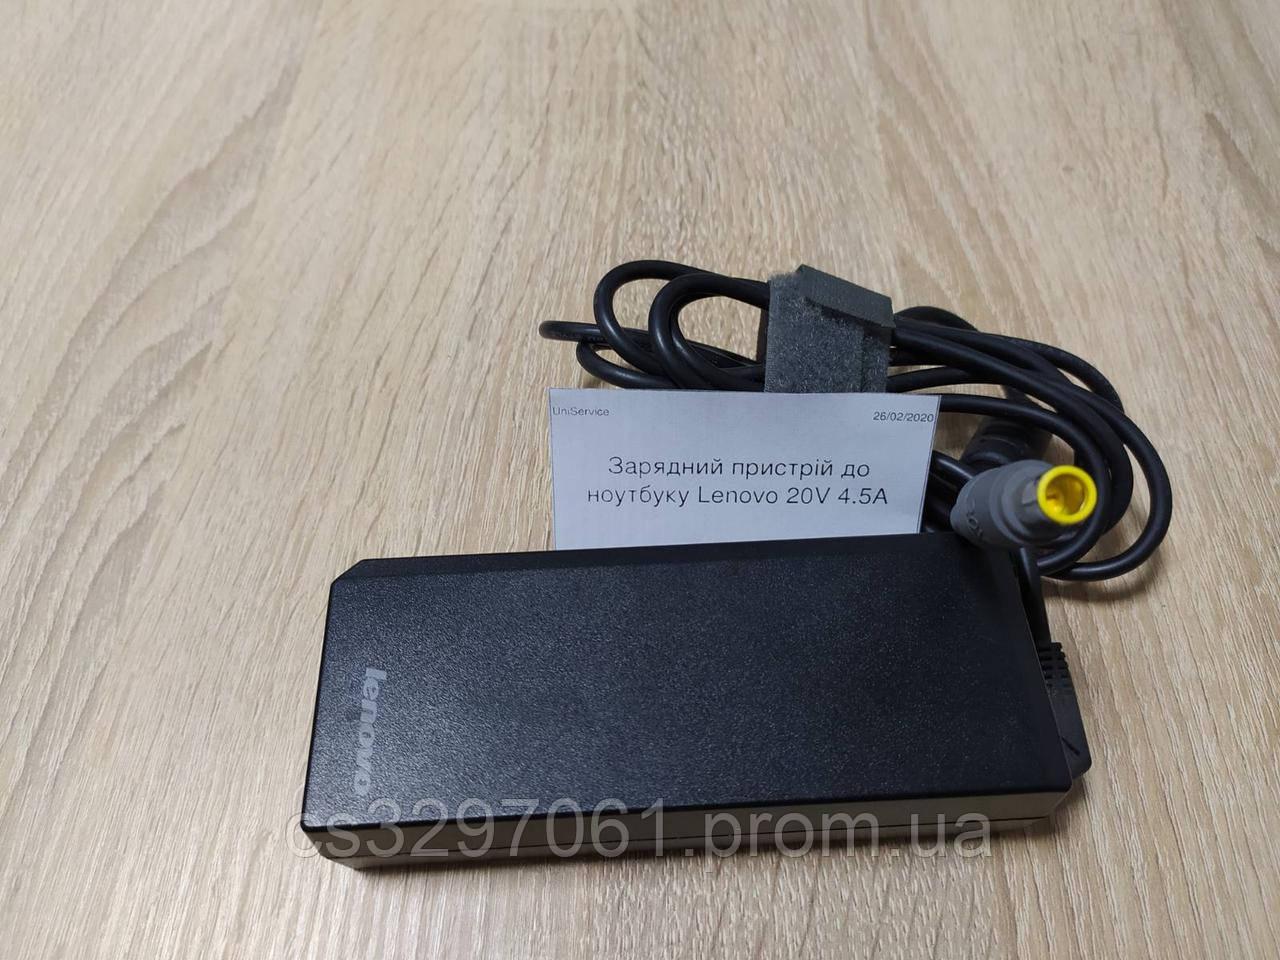 Зарядное устройство для ноутбука Lenovo 20V 4.5A оригинал б/у